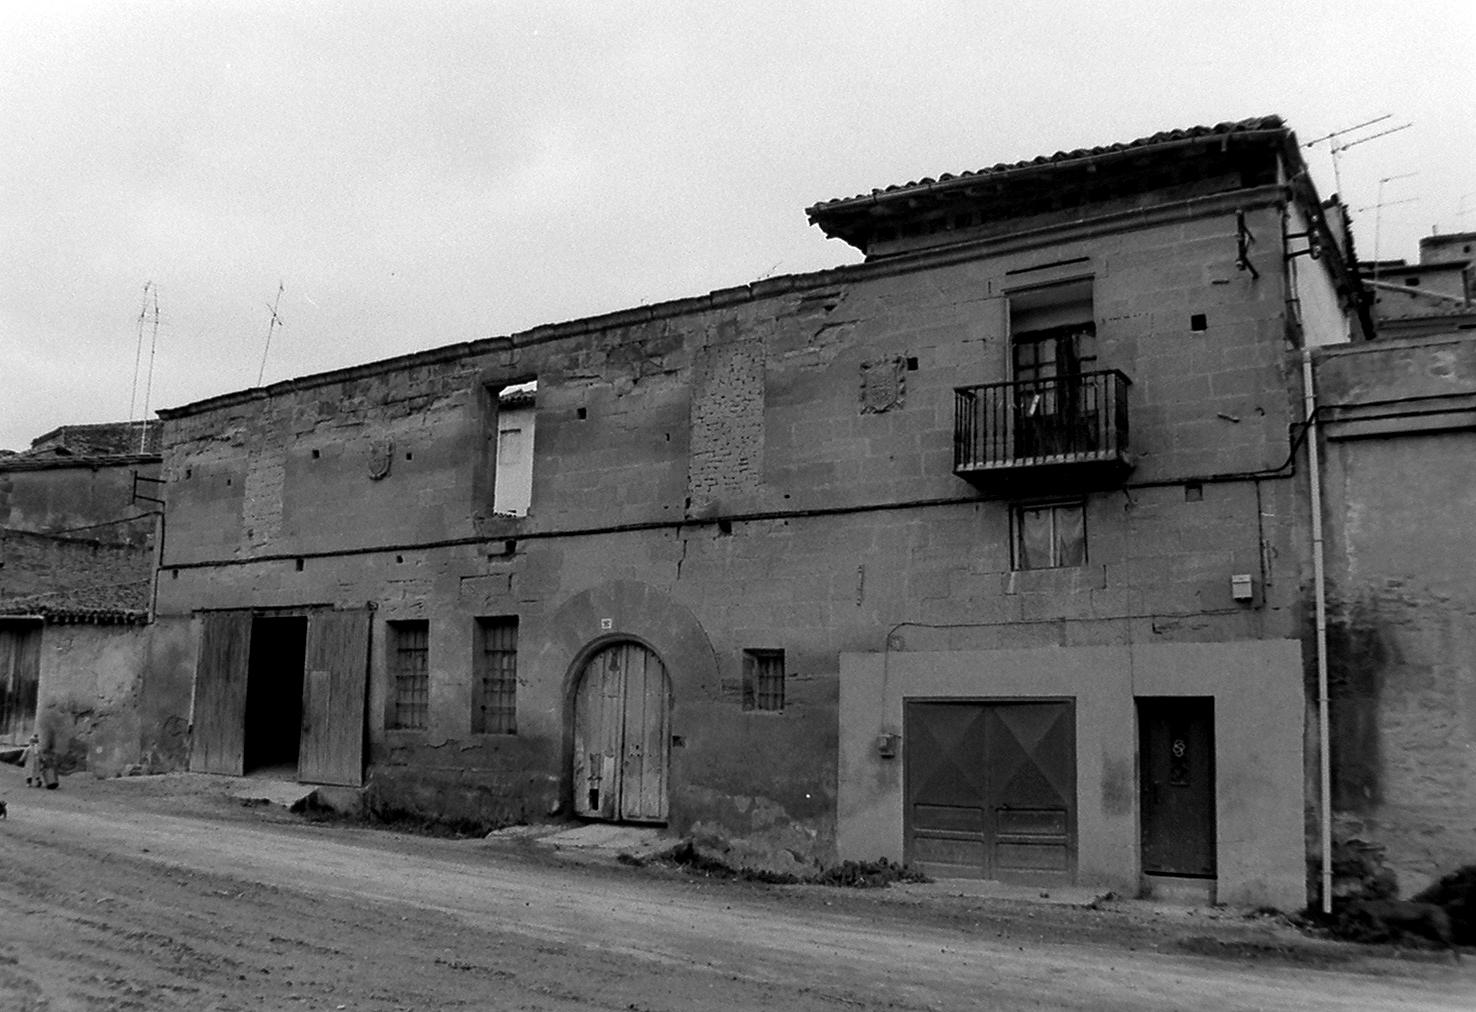 Casas solariegas en la rioja 9 treviana v avda de la - Casas prefabricadas la rioja ...